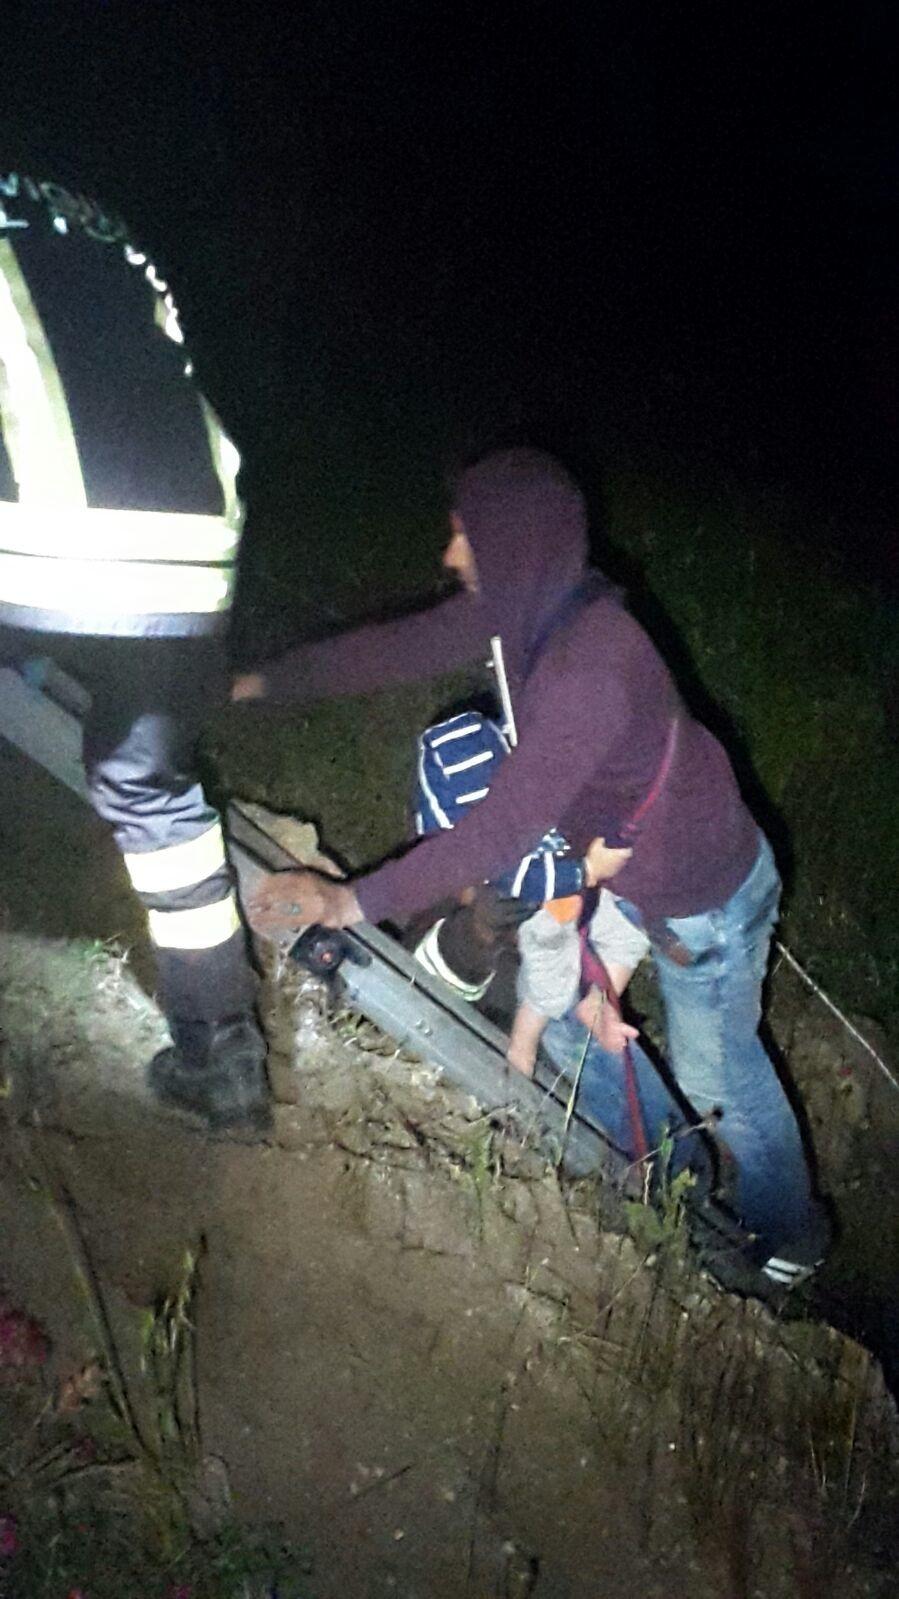 Sbarco di immigrati sugli scogli nel CrotoneseVigili del fuoco salvano 30 persone, 8 sono bimbi